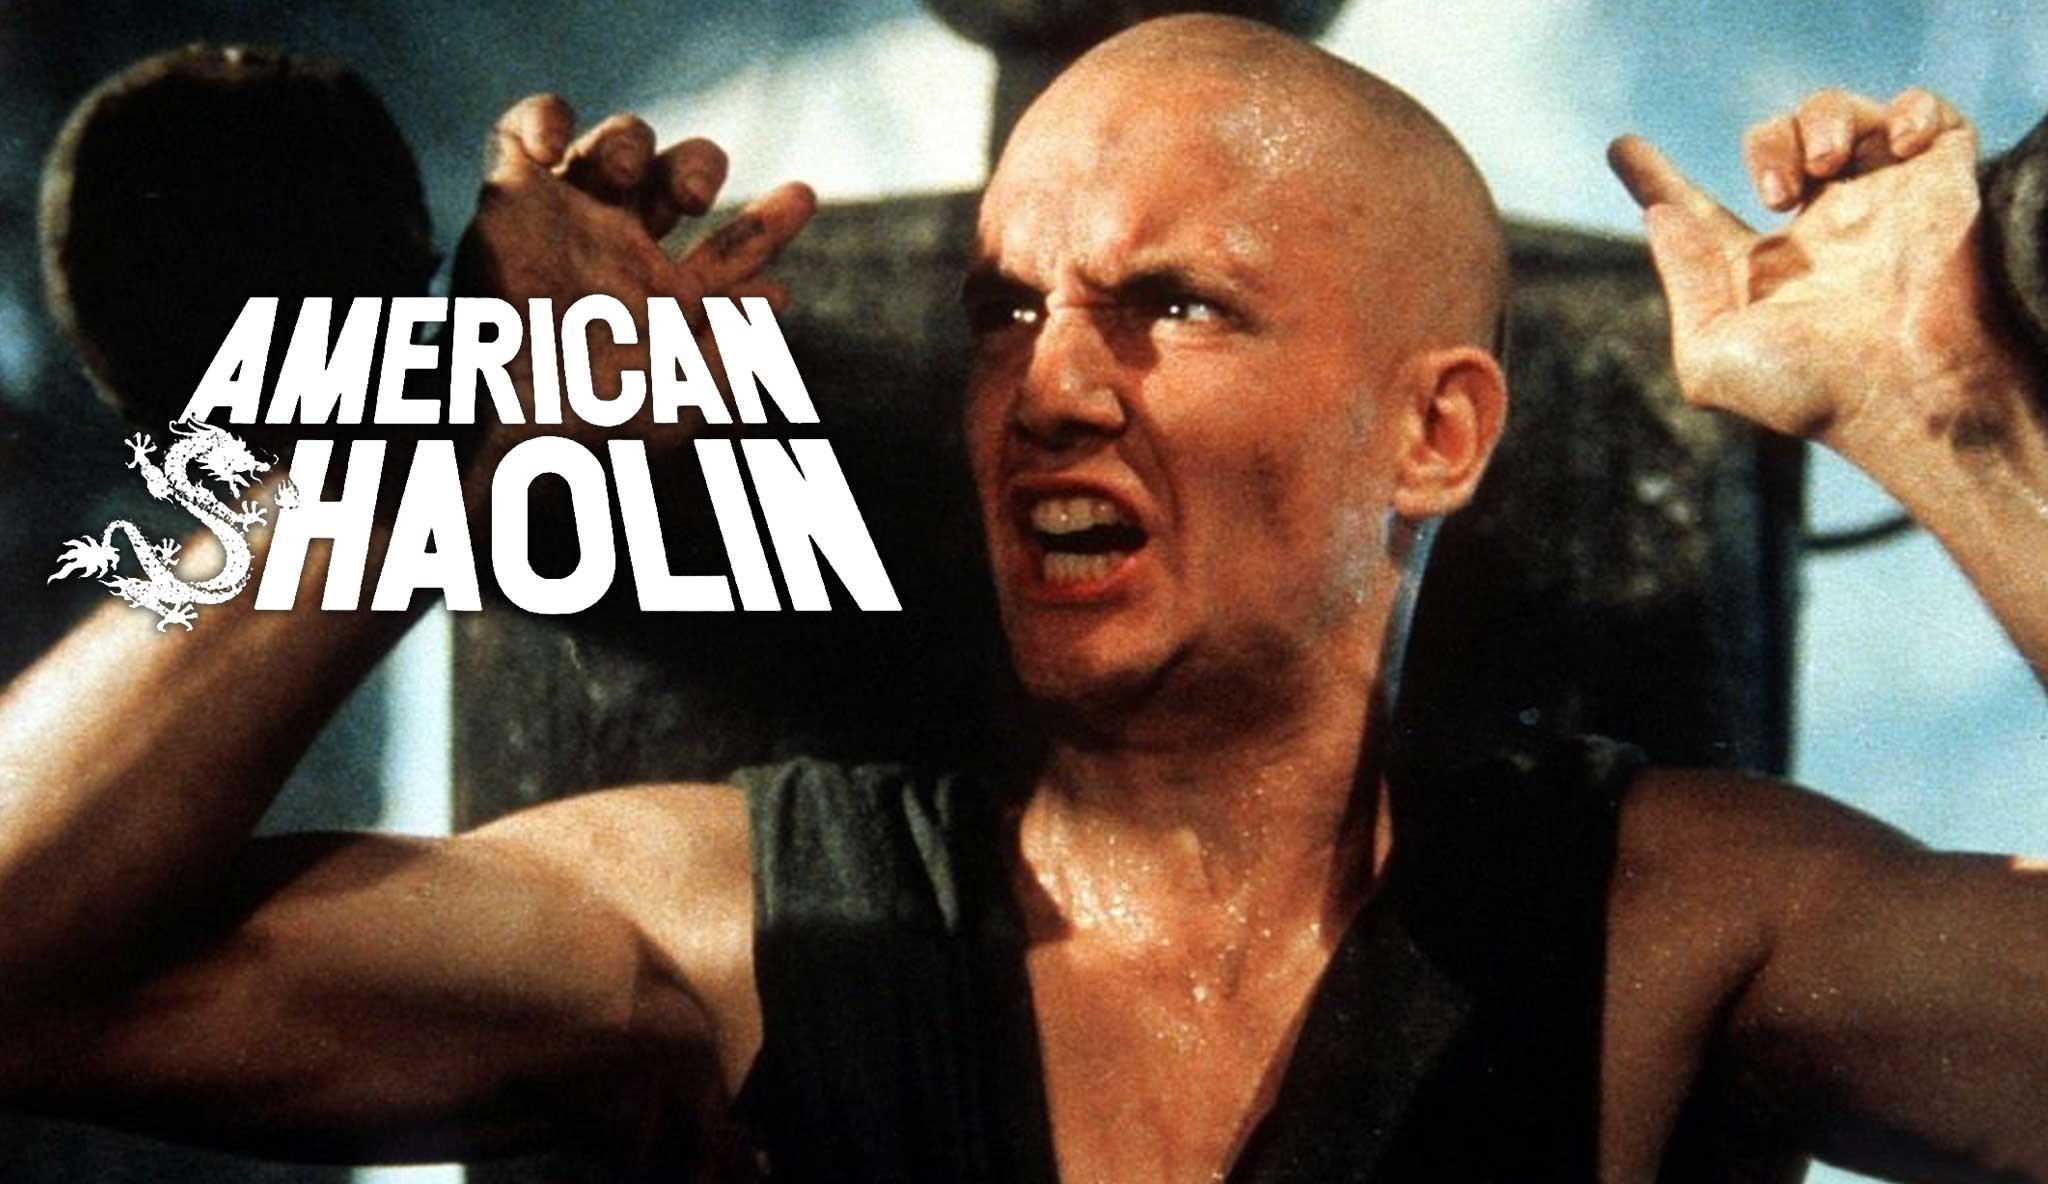 american-shaolin\header.jpg